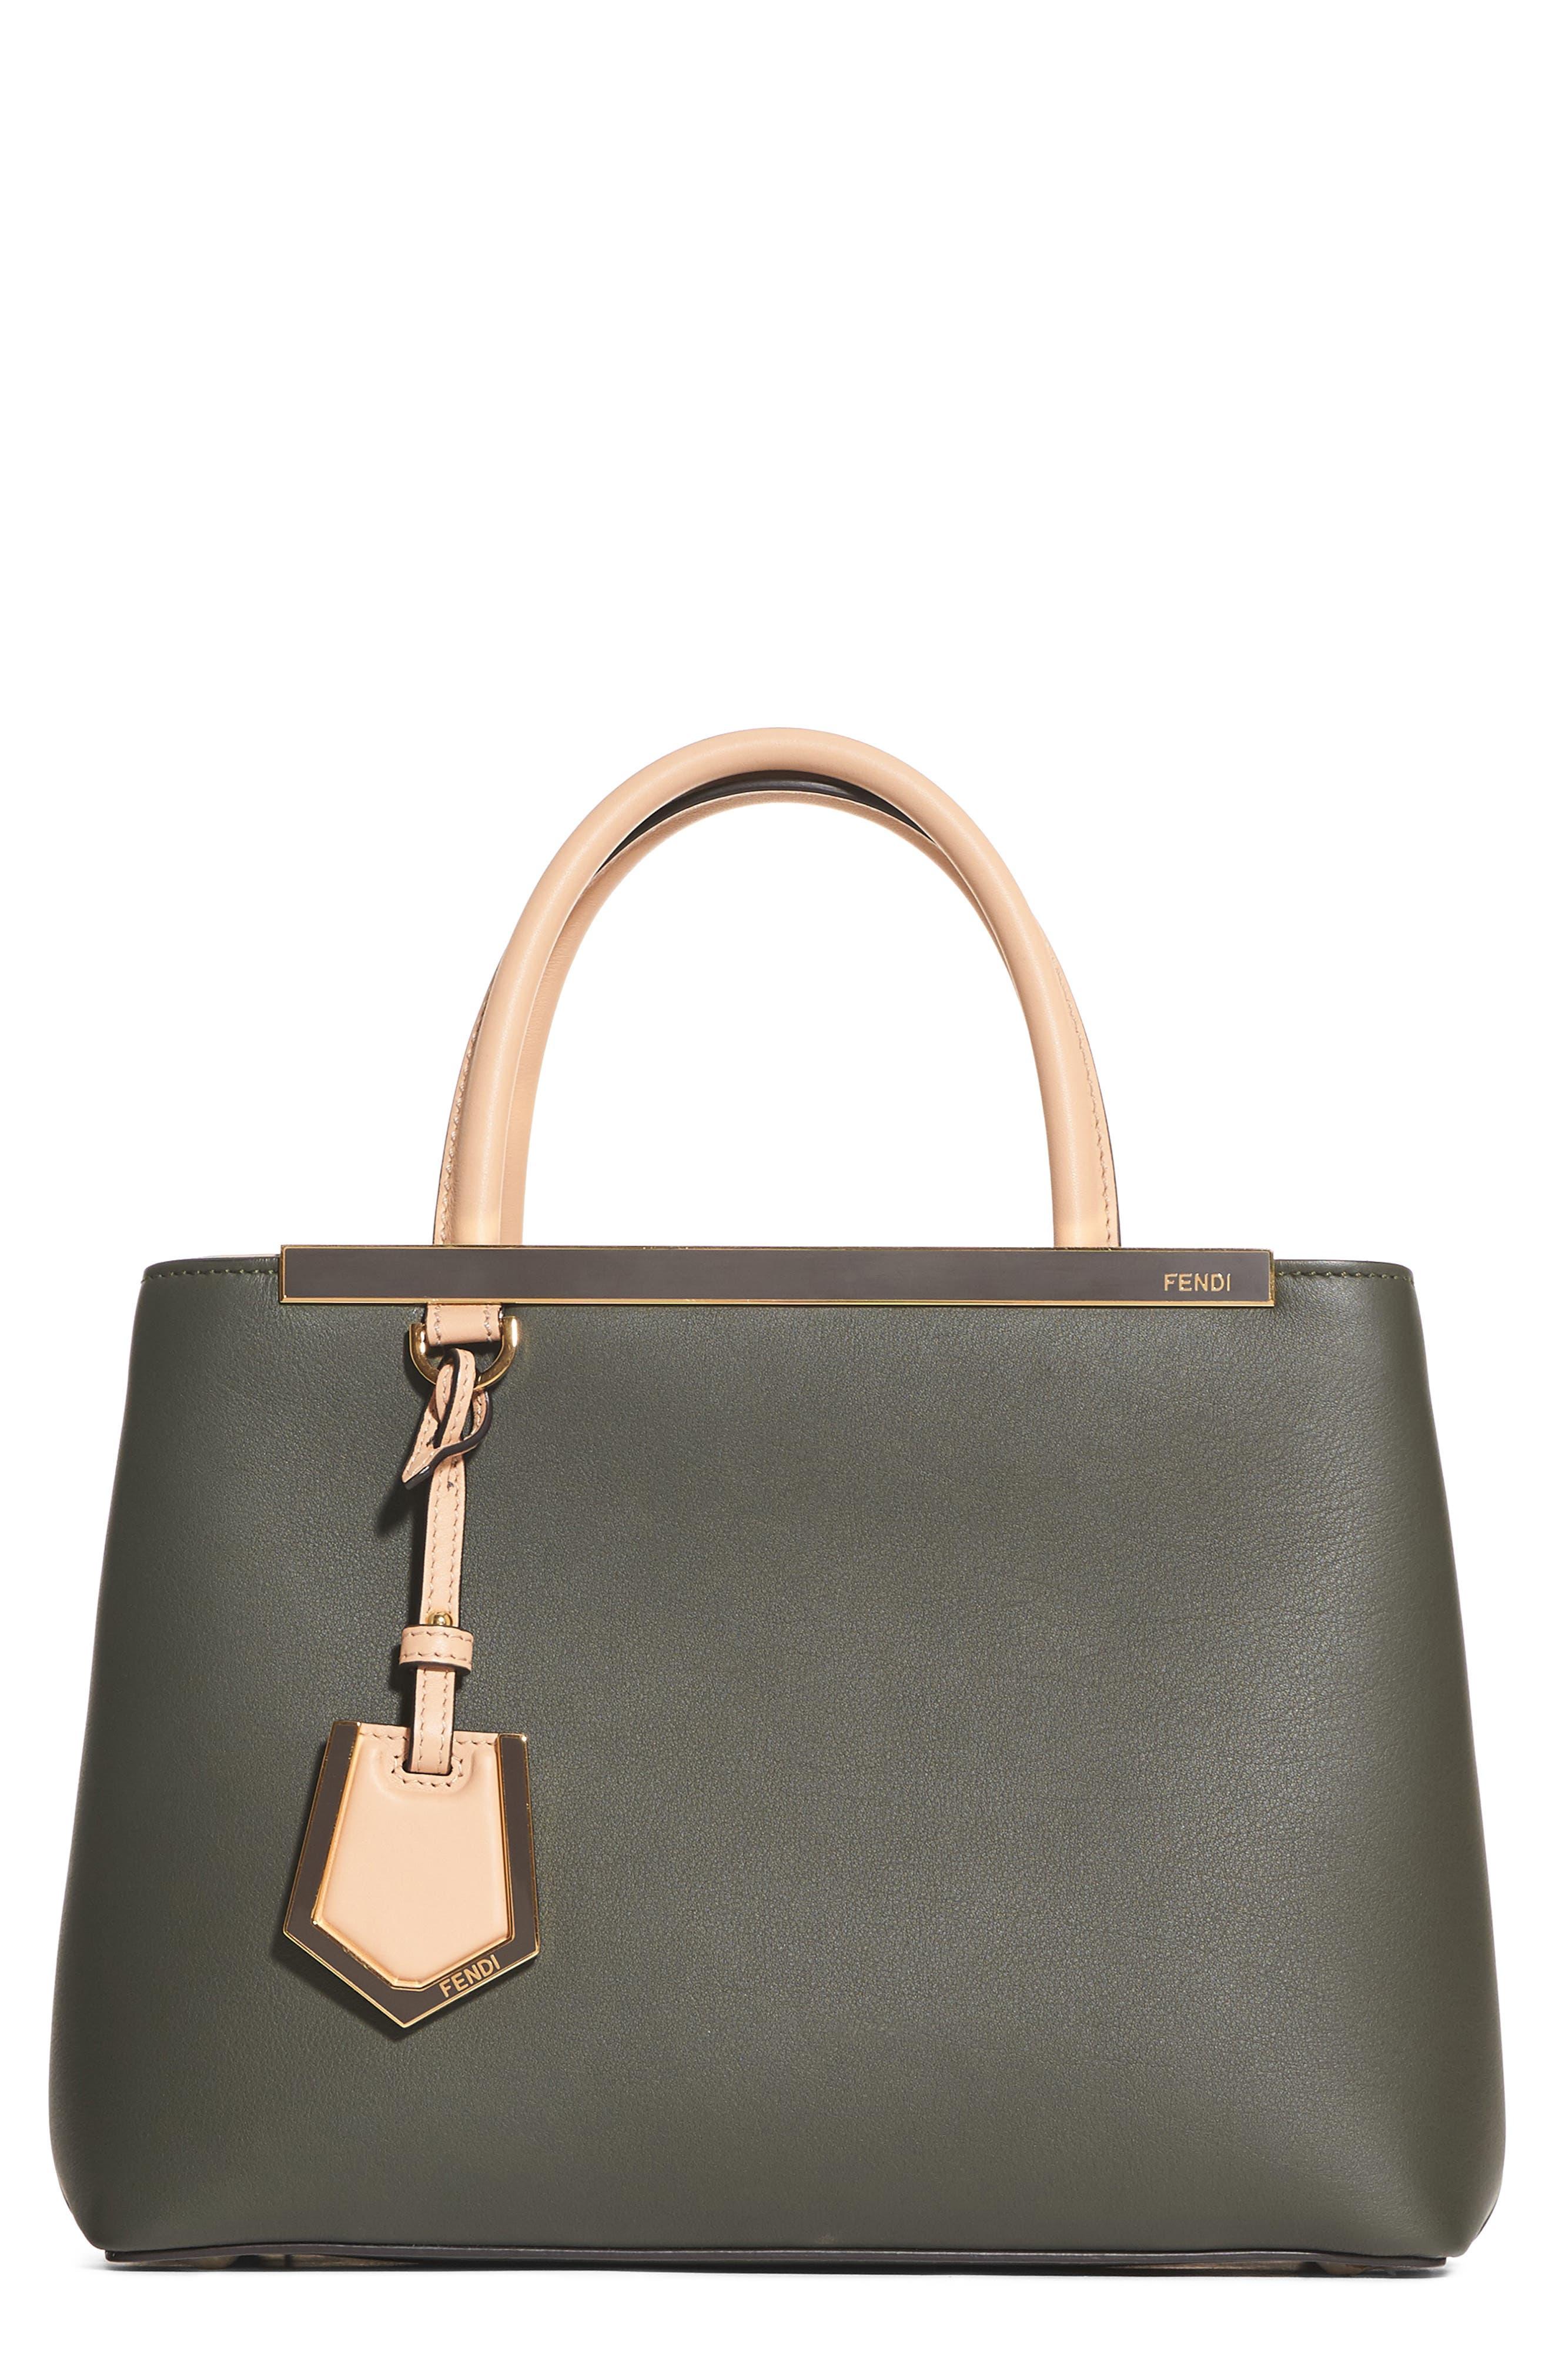 Petite 2Jours Leather Shopper,                             Main thumbnail 1, color,                             GREEN GRASS/MAKEUP